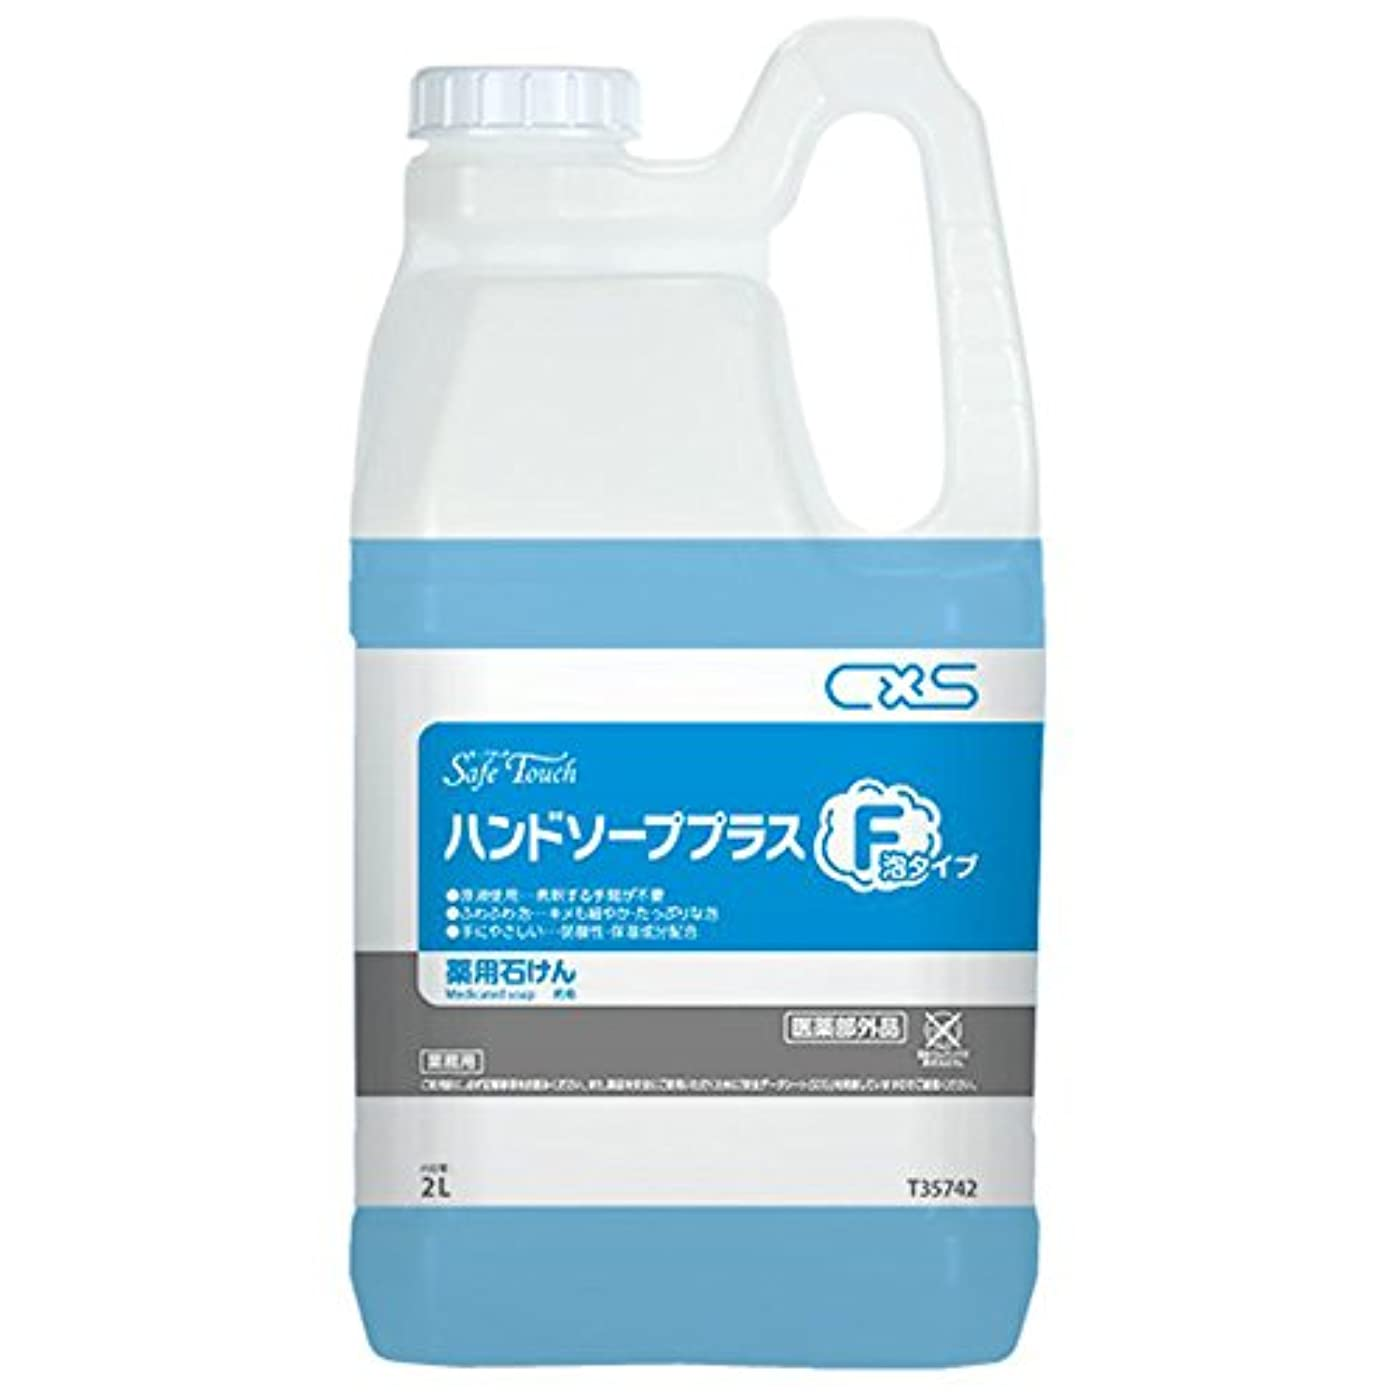 影響力のある現代にぎやかシーバイエス(C×S) 殺菌?消毒用手洗い石けん セーフタッチハンドソーププラスF 2L